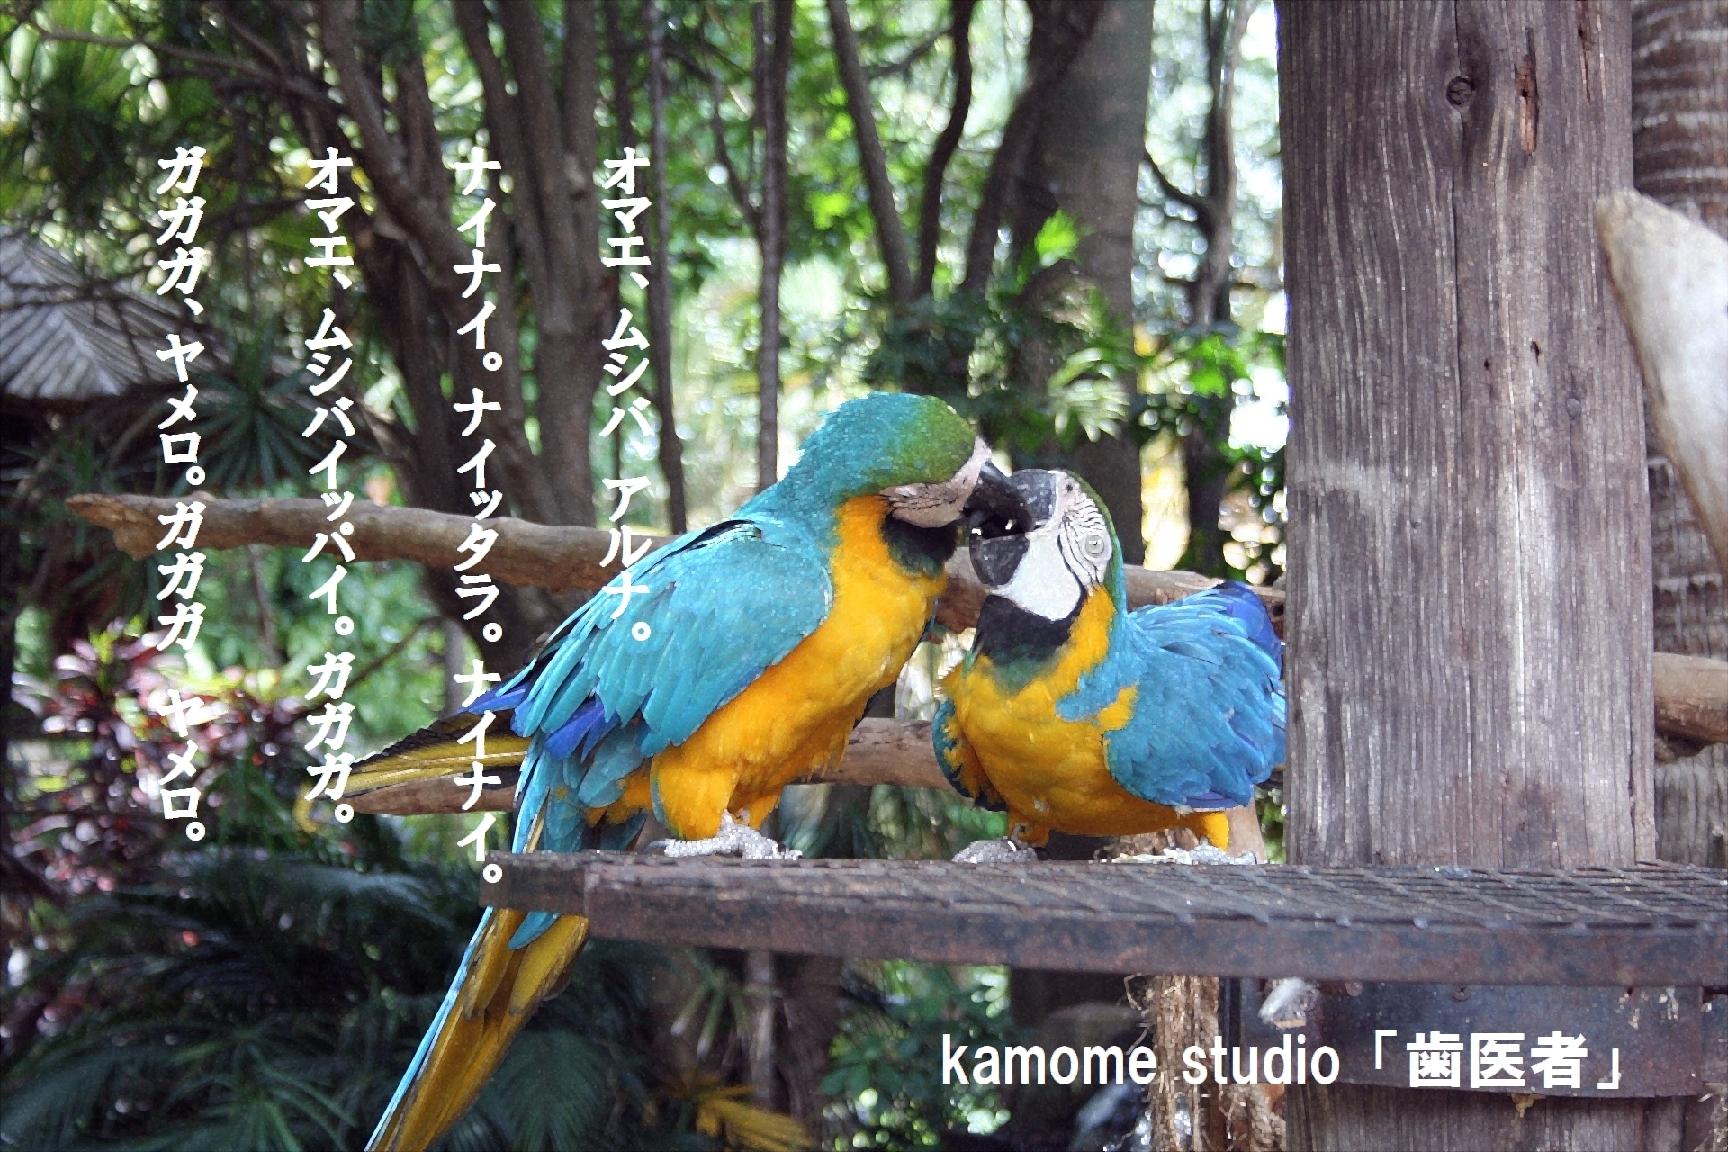 macaw-parrots-1785330_1920-2